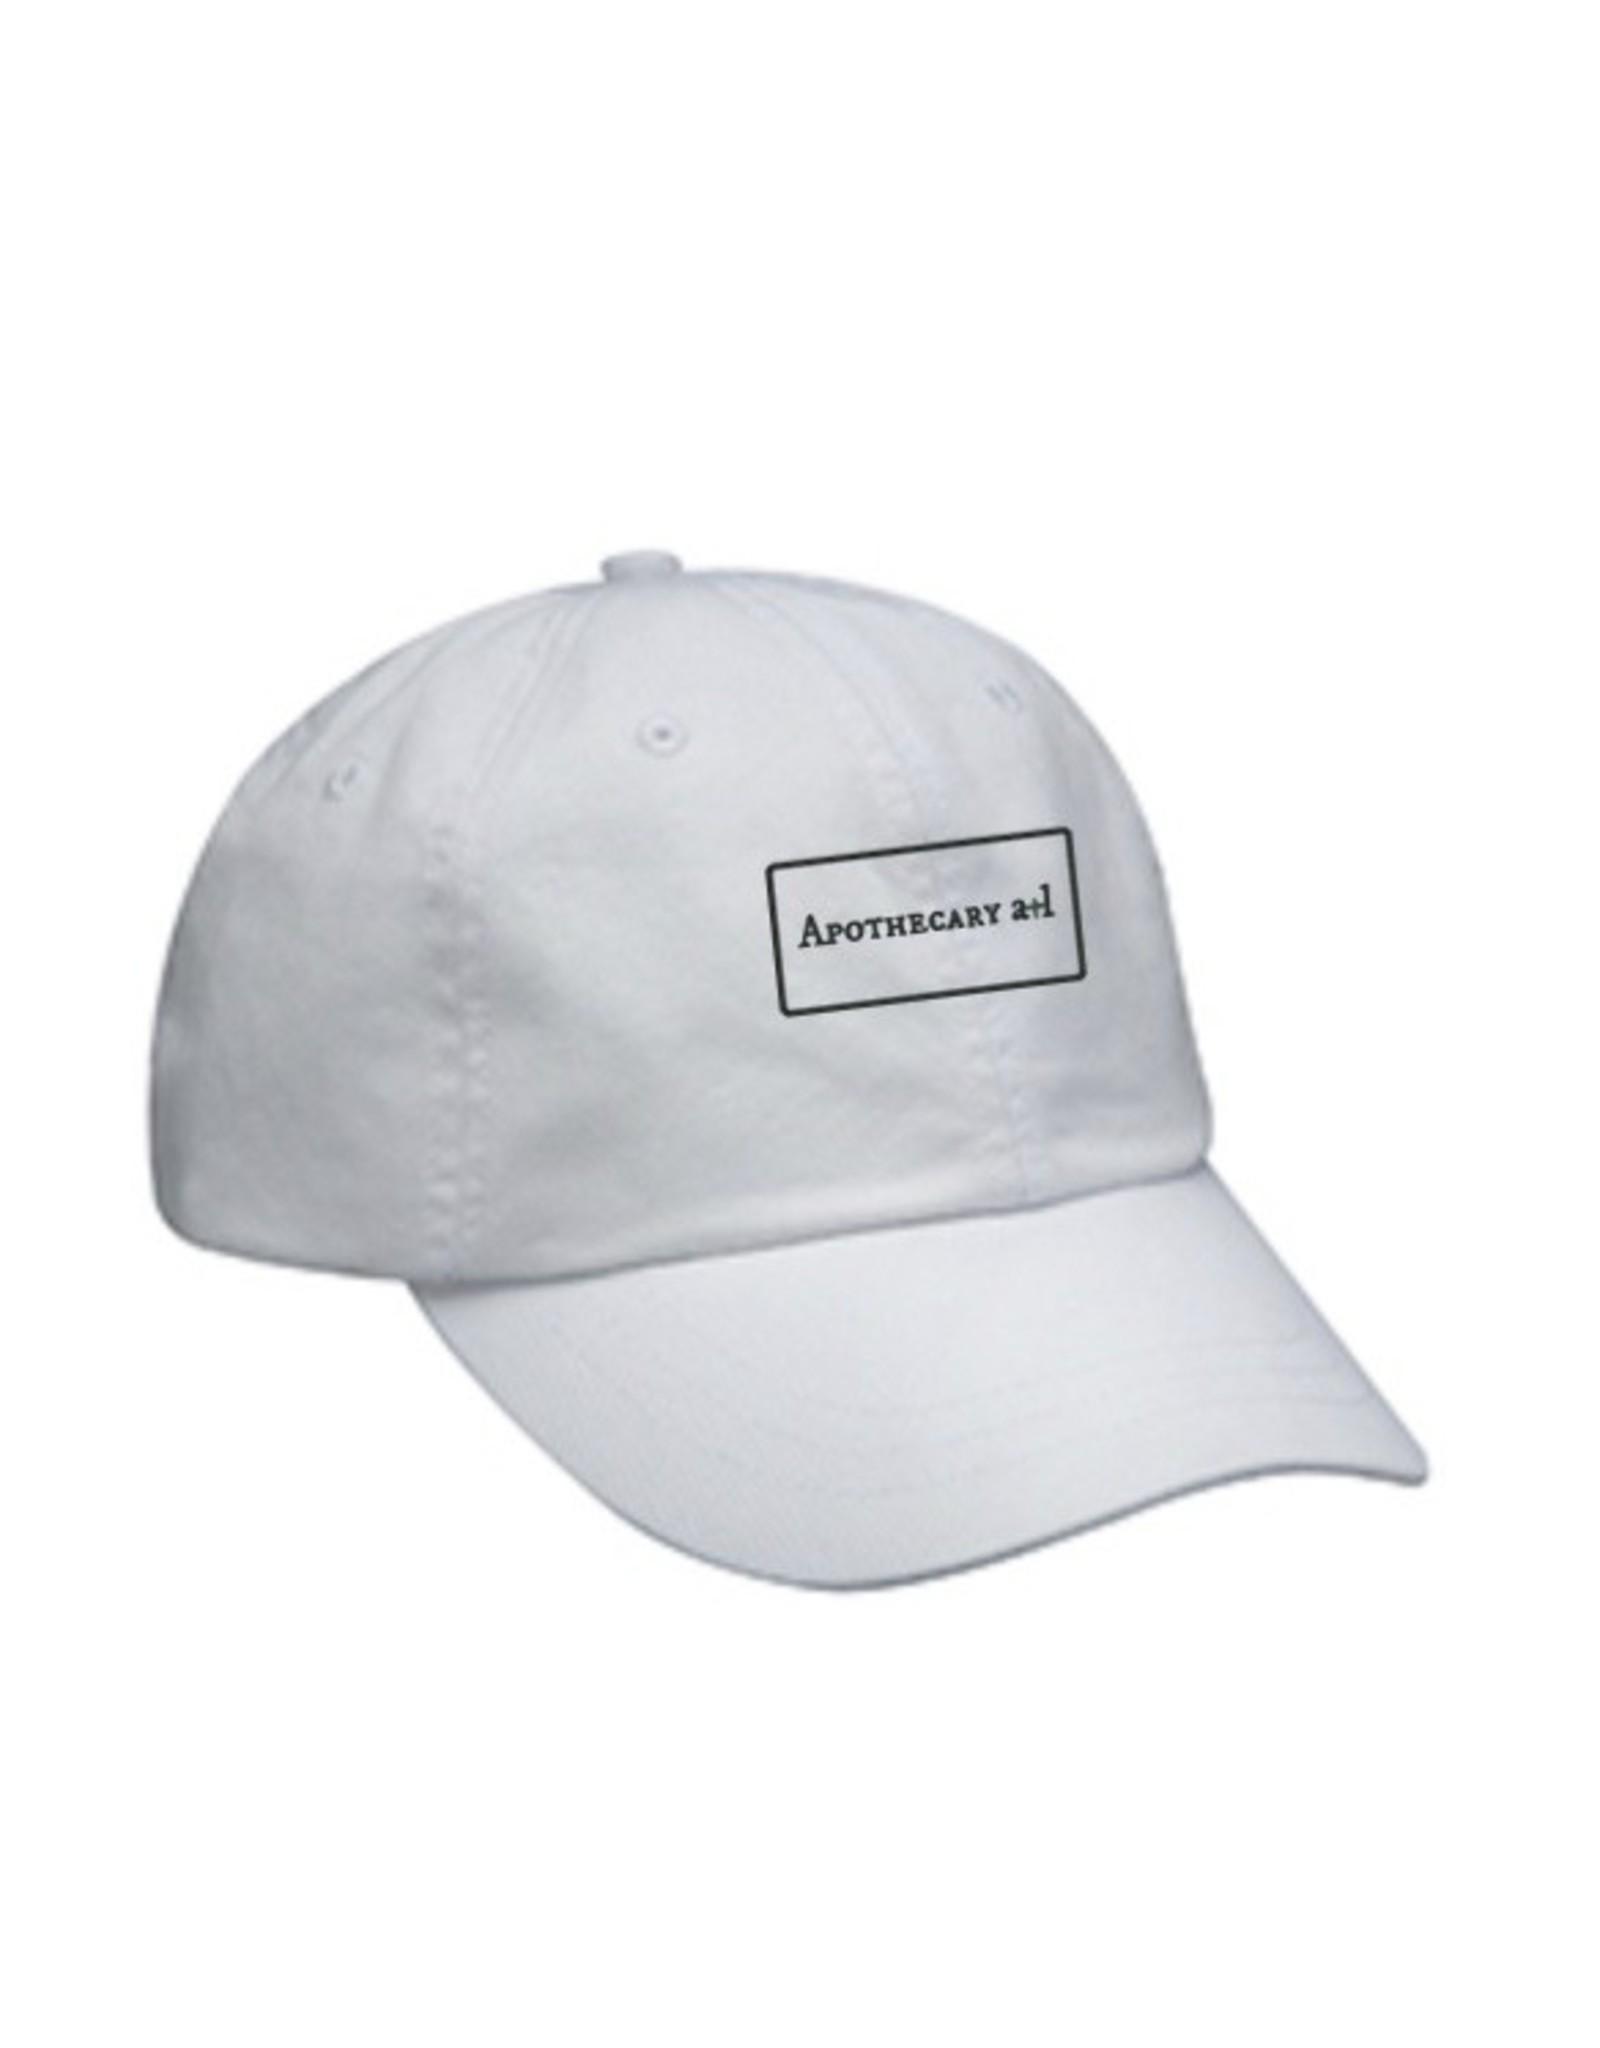 Adams Adams Optimum Hat - White